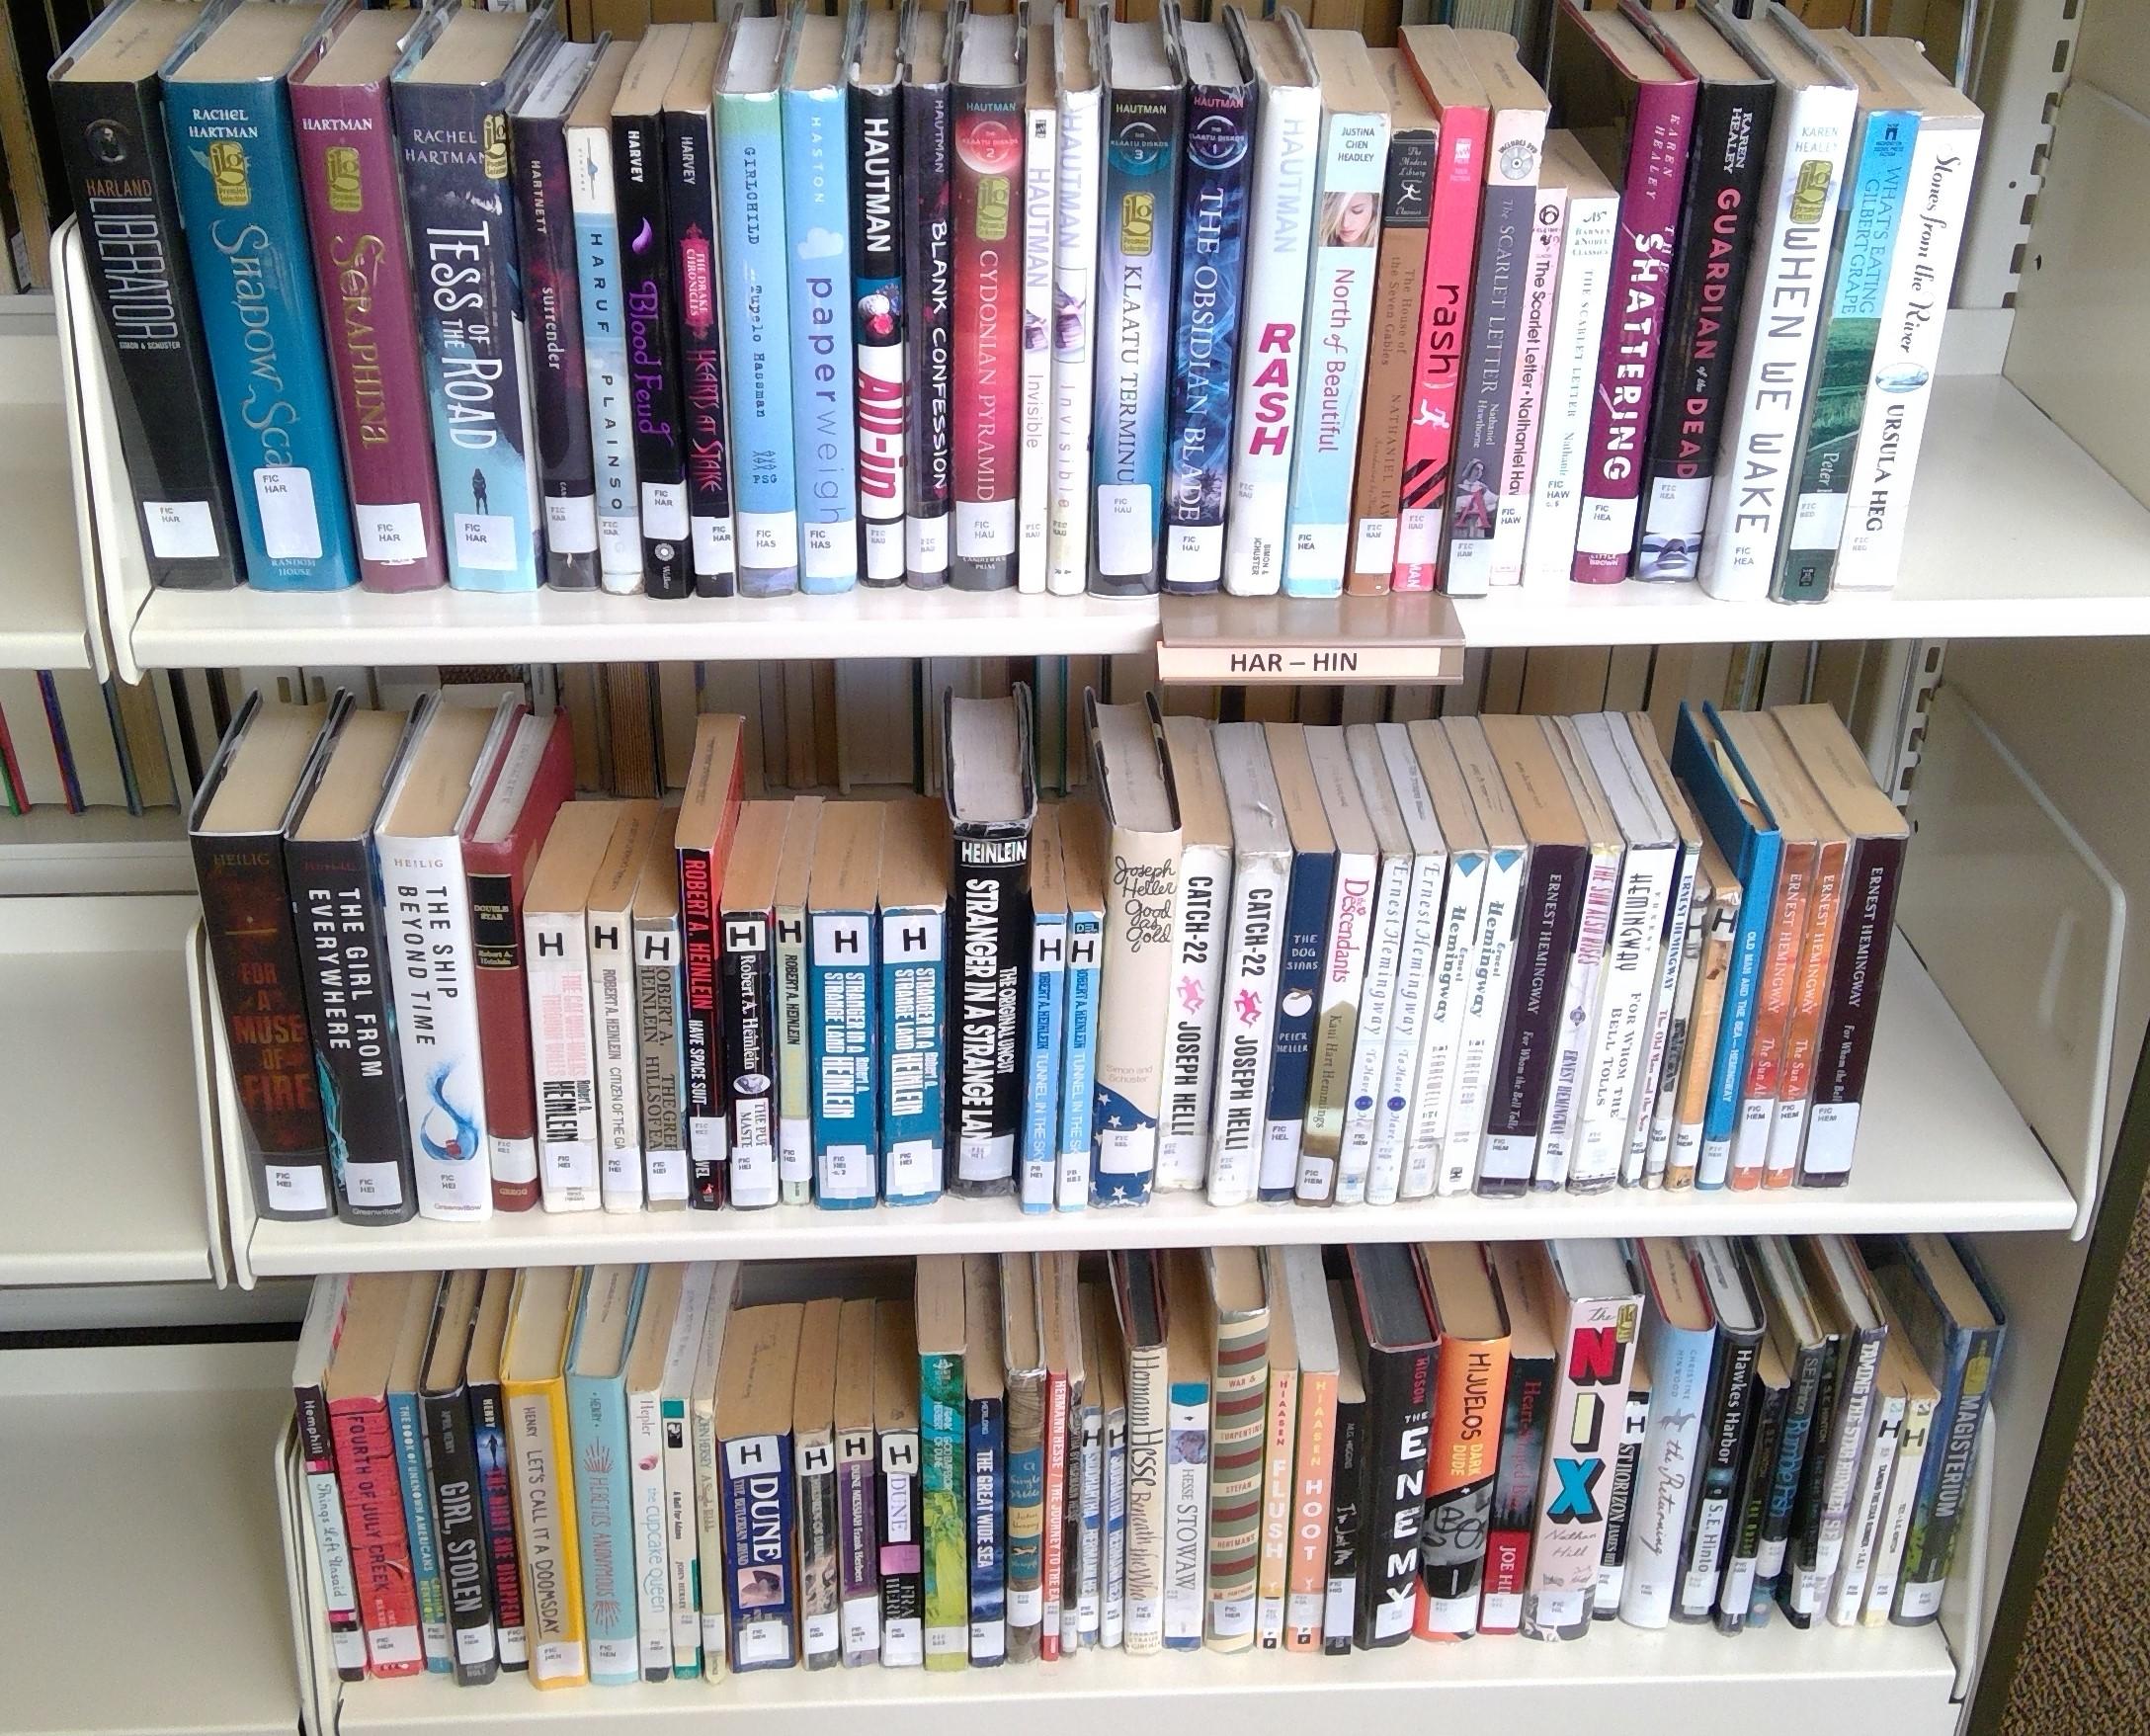 FIC Shelf 16